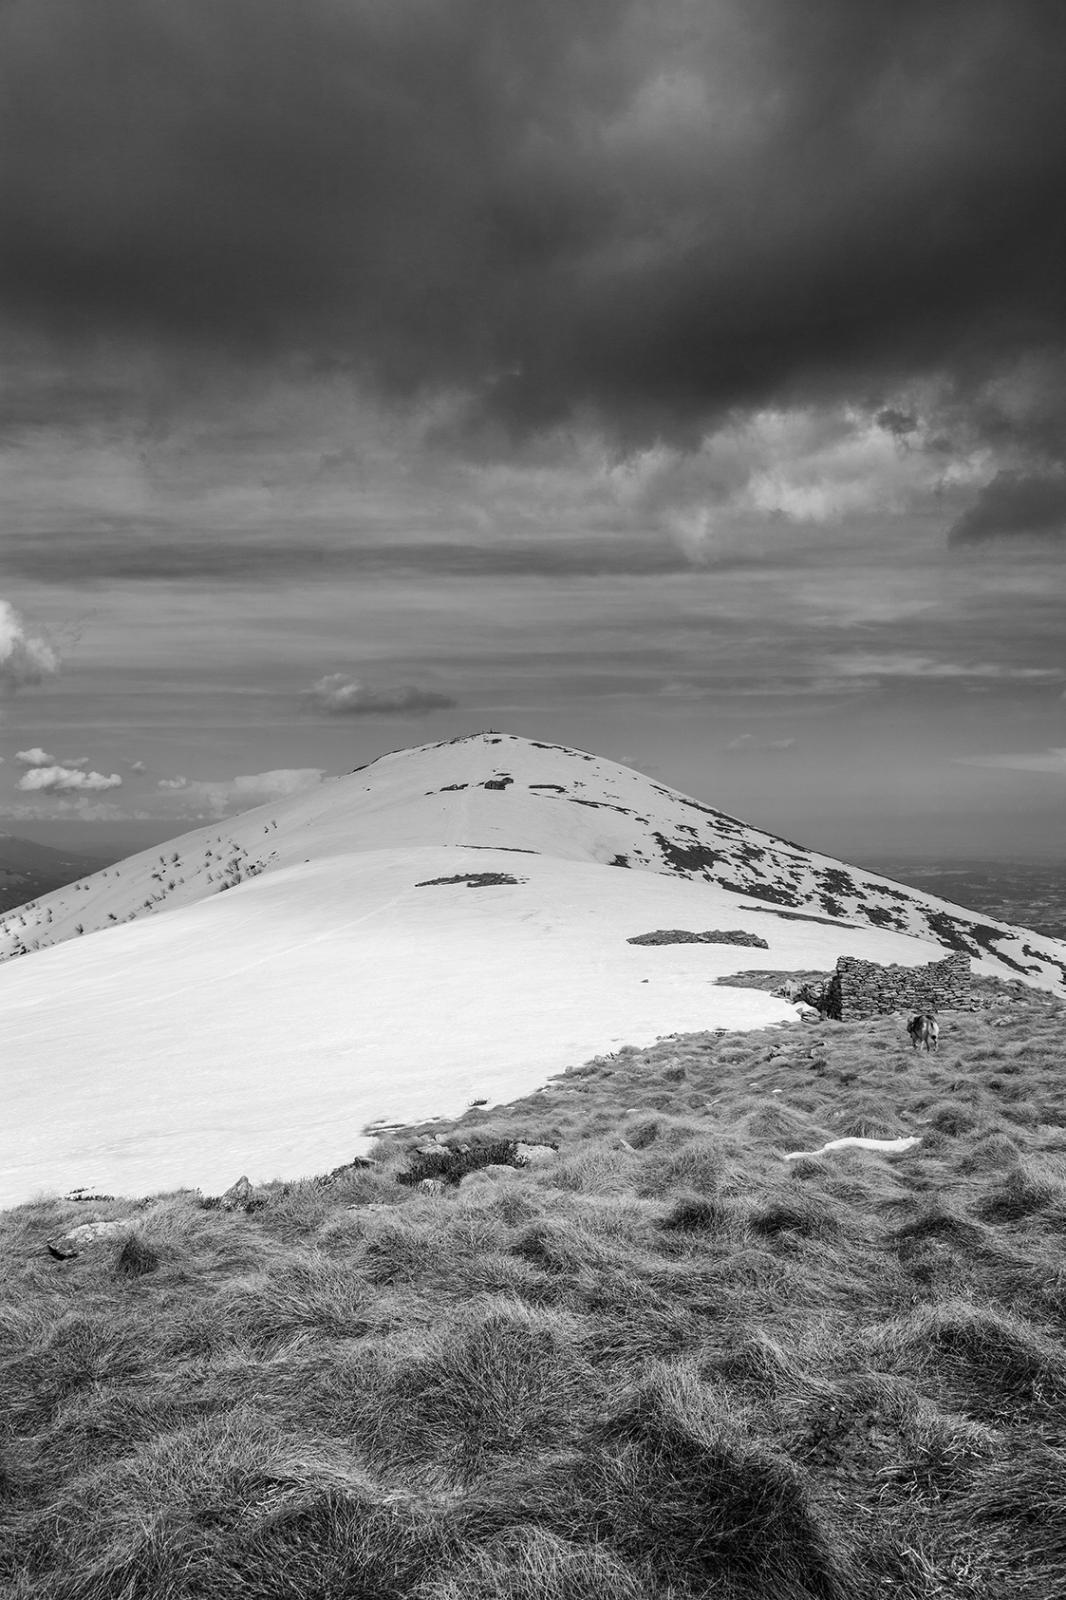 Guardando la cima del Monte Soglio le nuvole fanno pensare a un imminente acquazzone